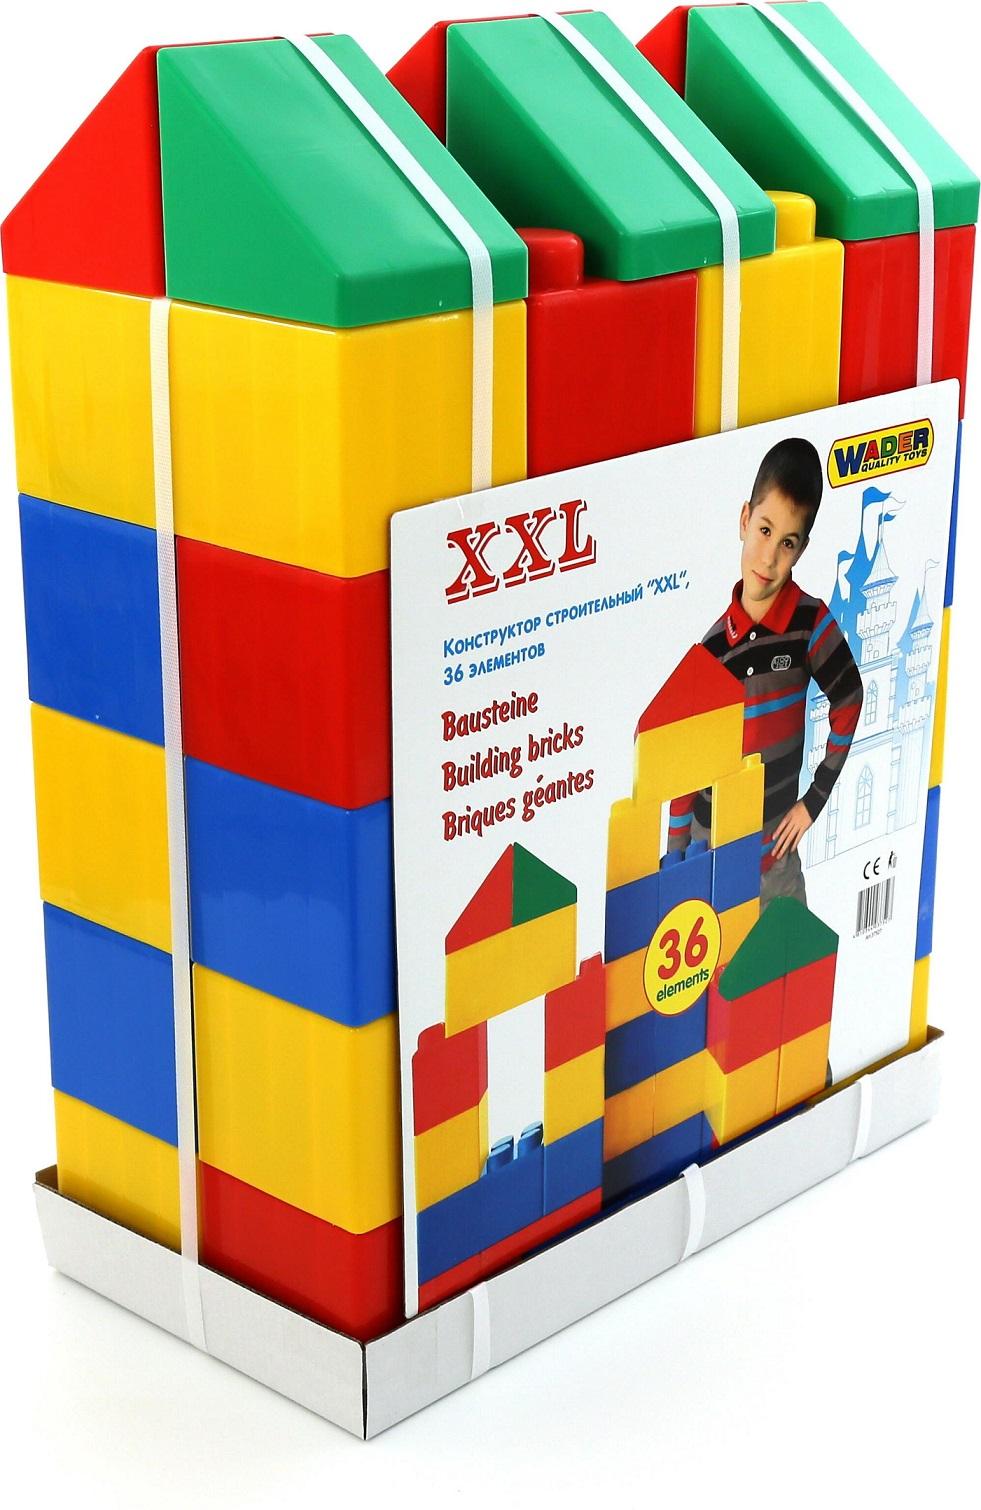 Конструктор строительный размер XXL, 36 элементовКонструкторы Полесье<br>Конструктор строительный размер XXL, 36 элементов<br>